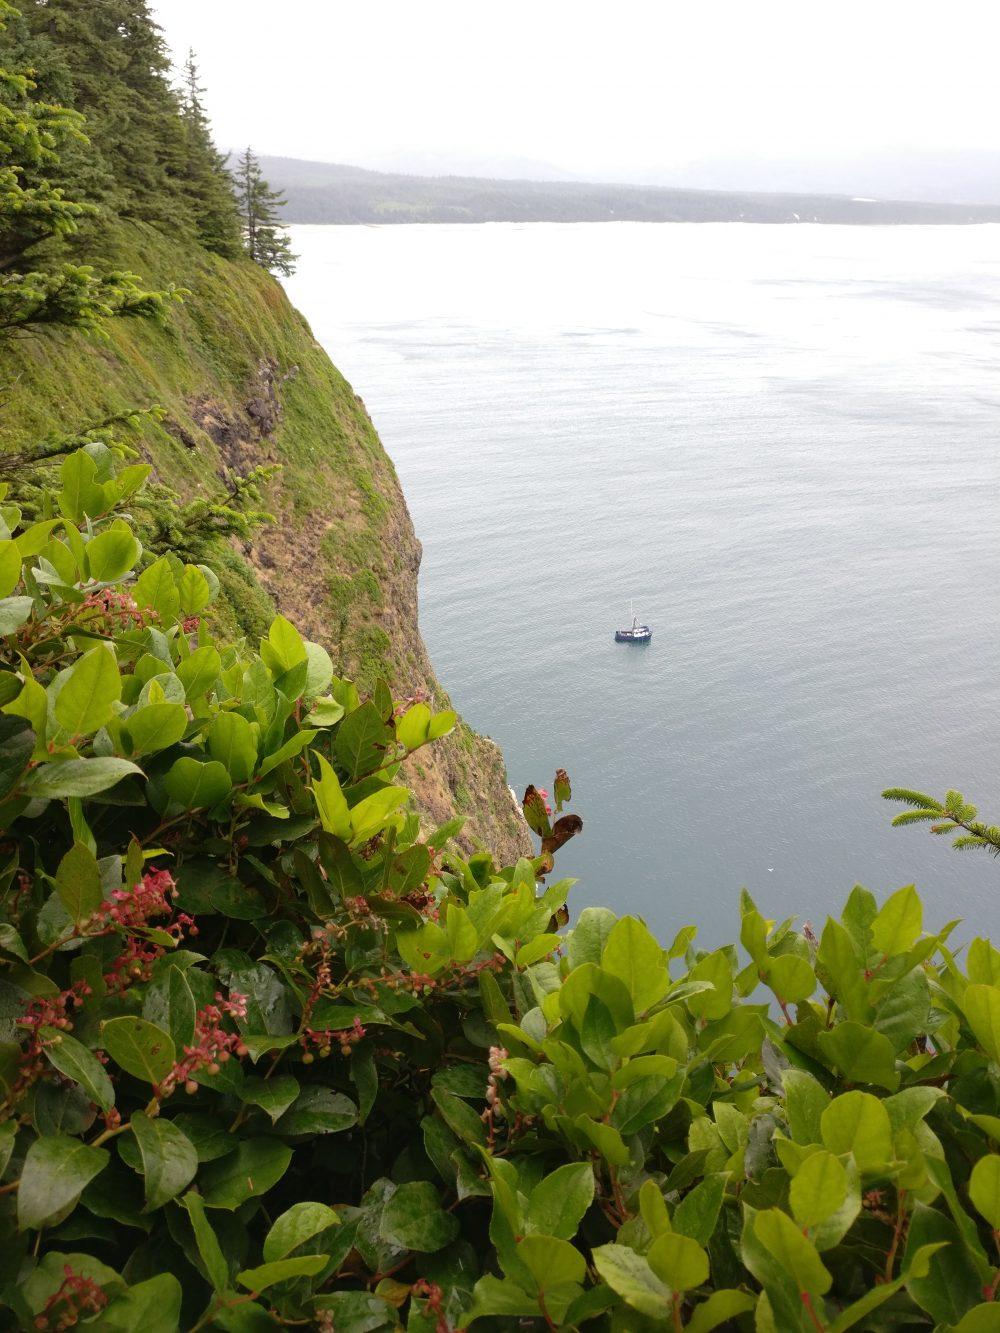 The Oregon Coast 2